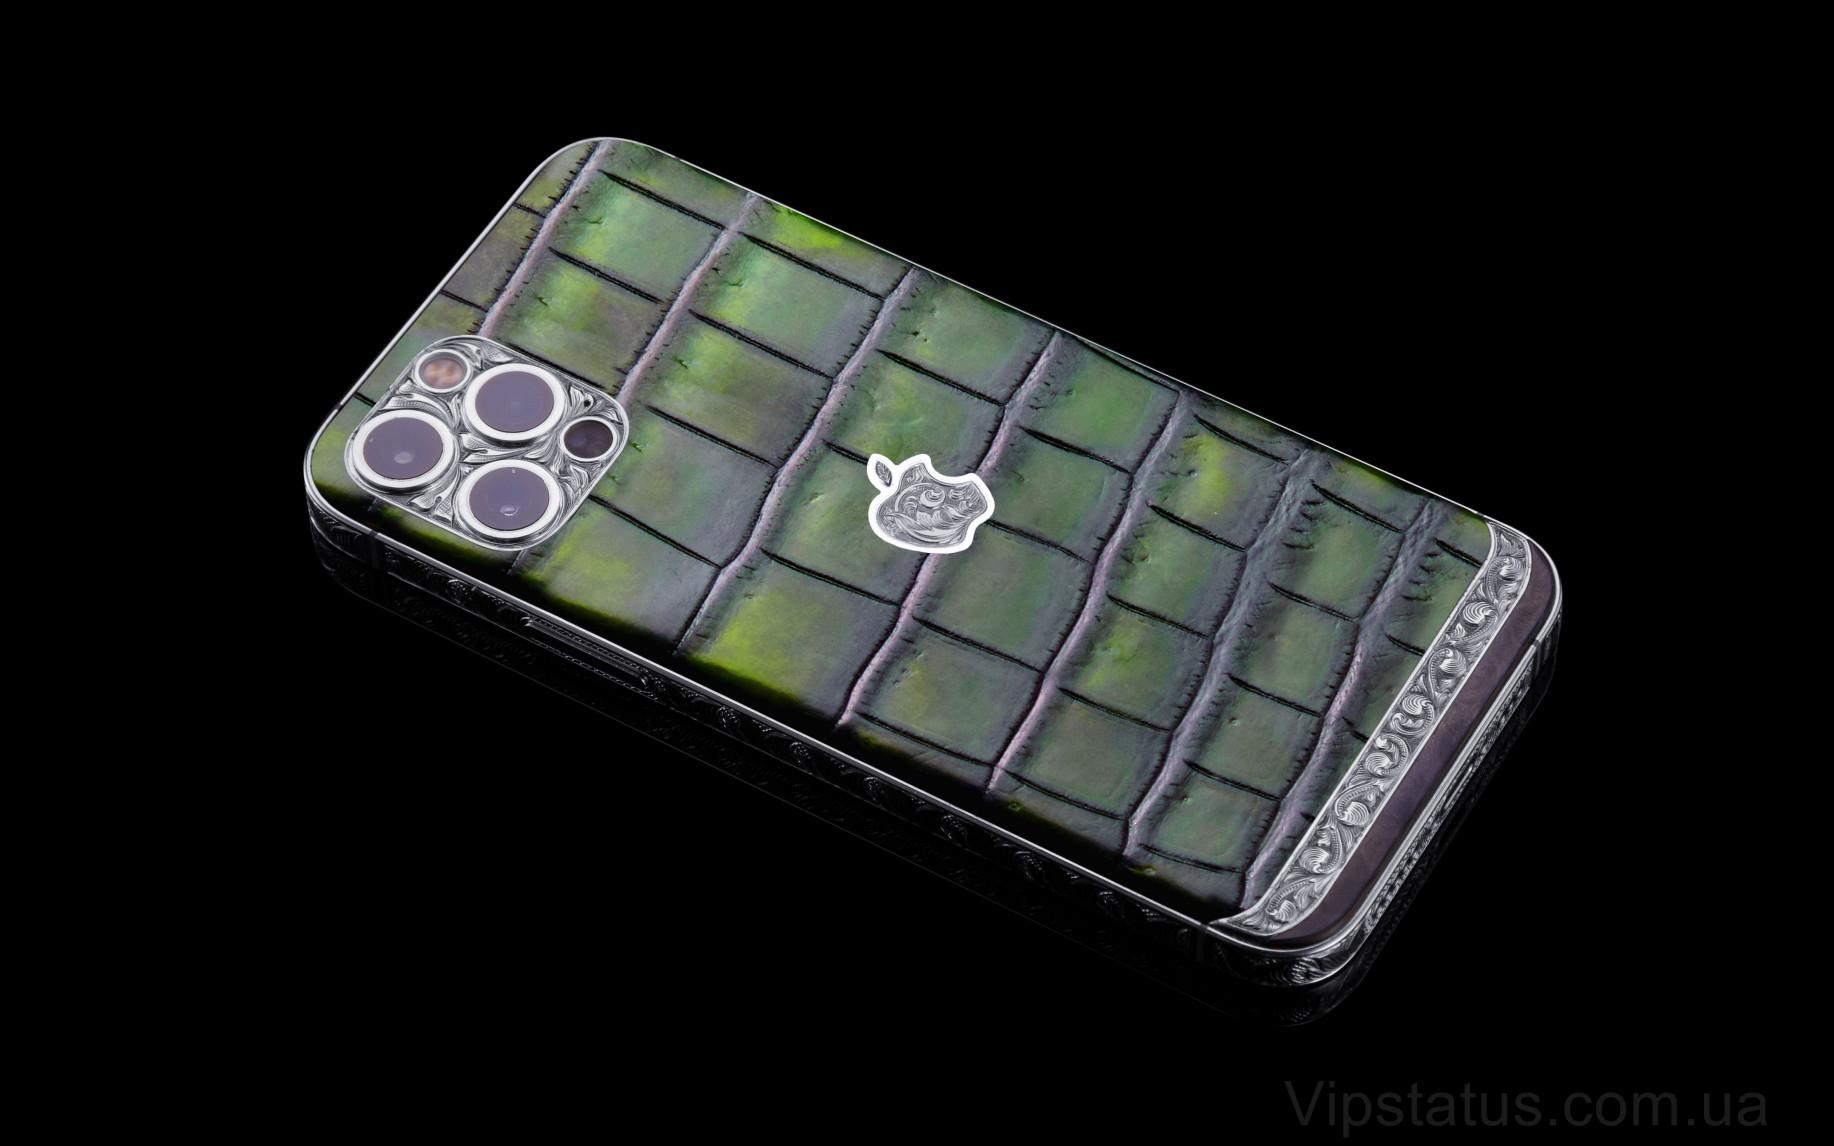 Elite Vintage Platinum IPHONE 12 PRO MAX 512 GB Vintage Platinum IPHONE 12 PRO MAX 512 GB image 3